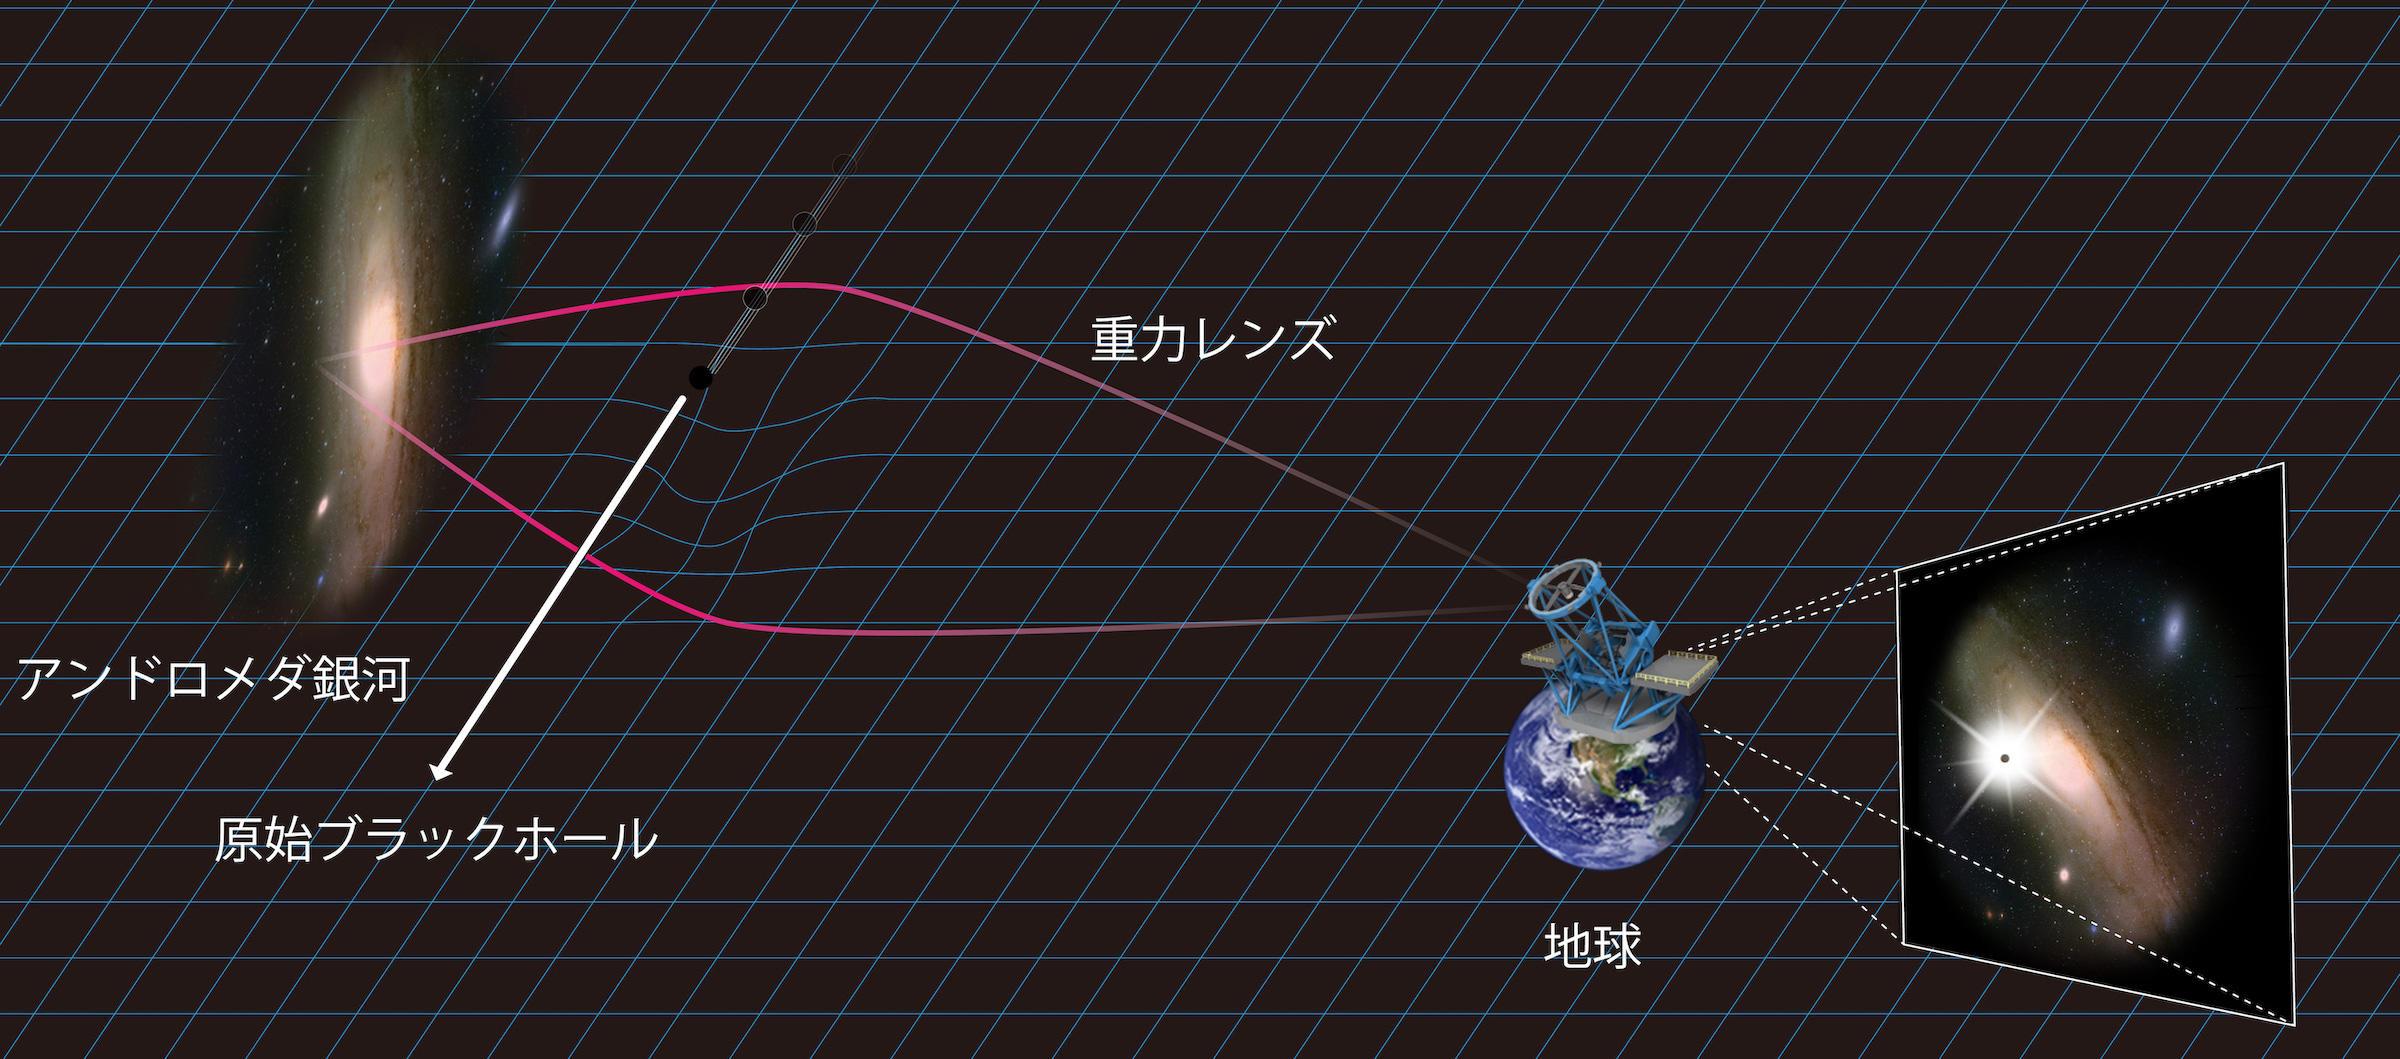 ダークマターは原始ブラックホールではなかった!? 図3